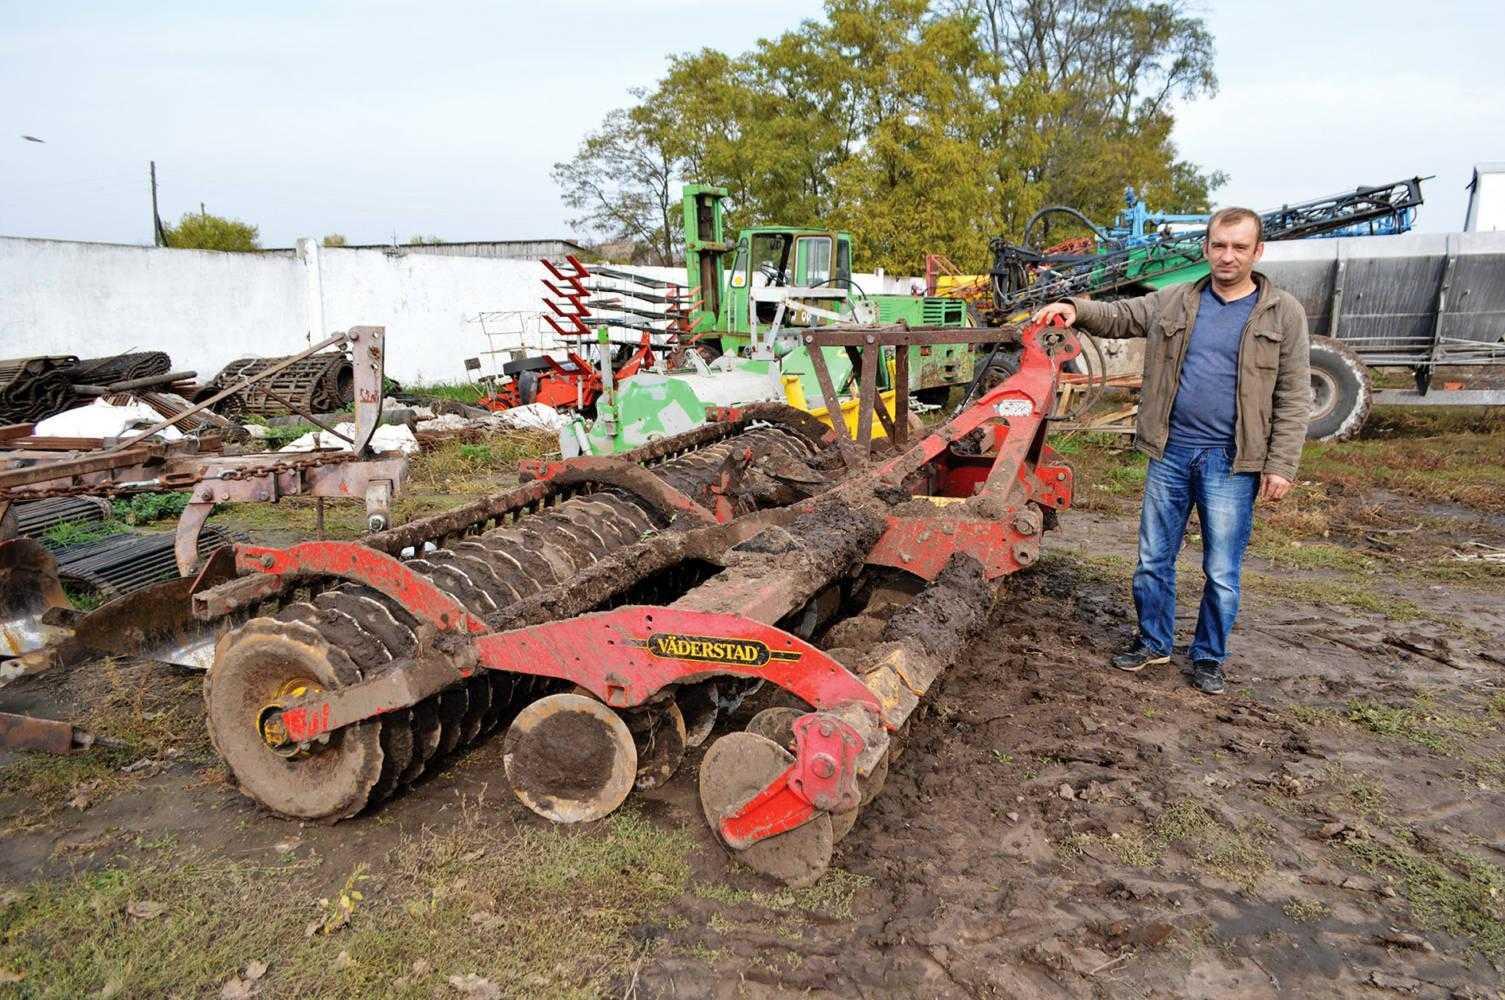 Завдяки оптимізації технології обробітку ґрунту господарству вдалось значно покращити водний режим земель, а отримання запланованих врожаїв стало більш прогнозованим